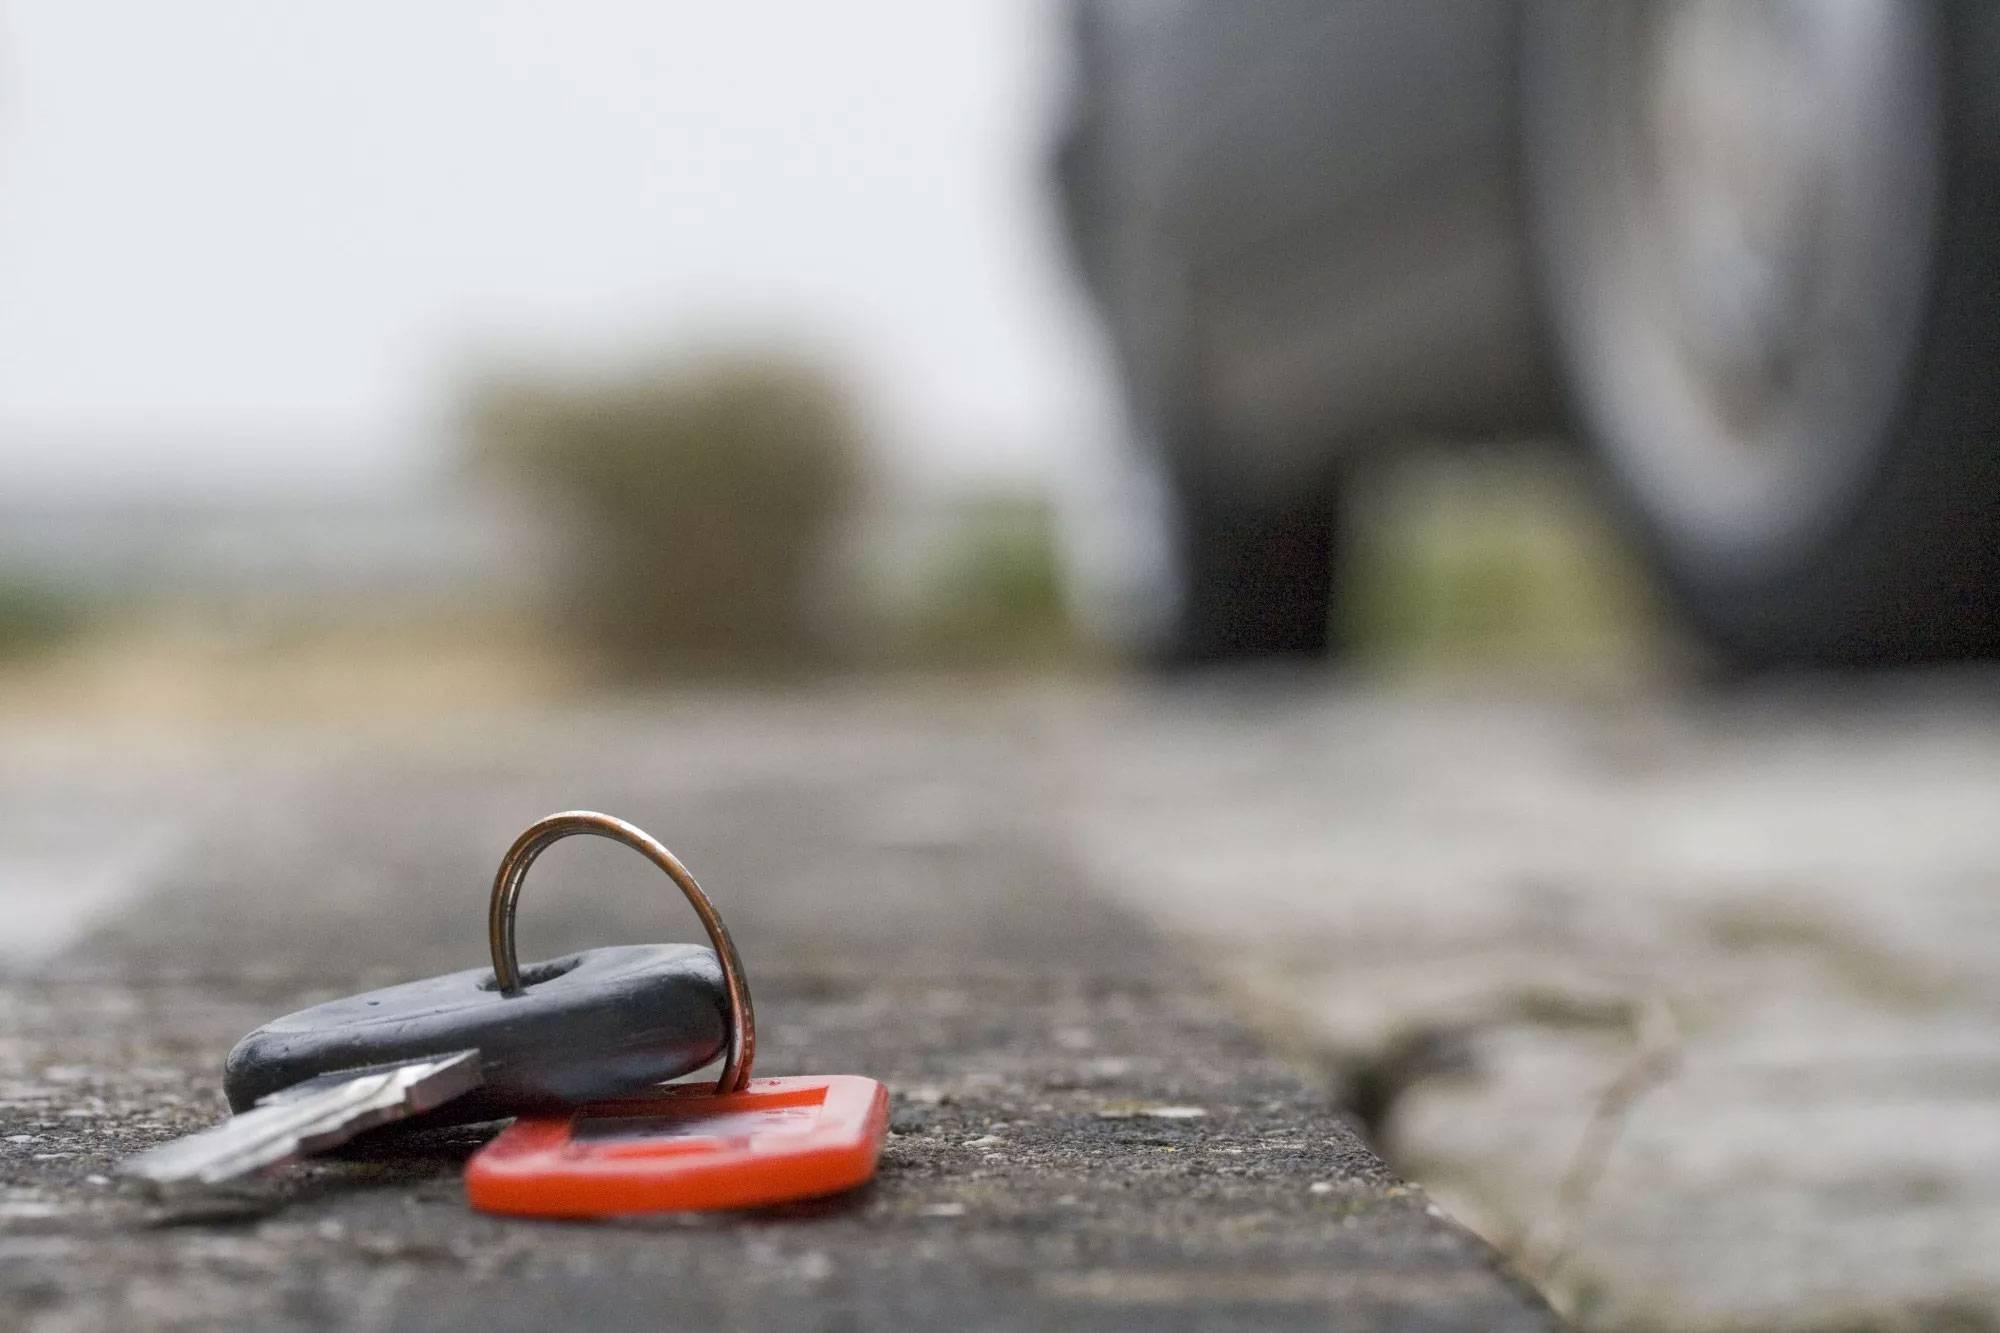 Потерять ключи от дома или квартиры: значение приметы